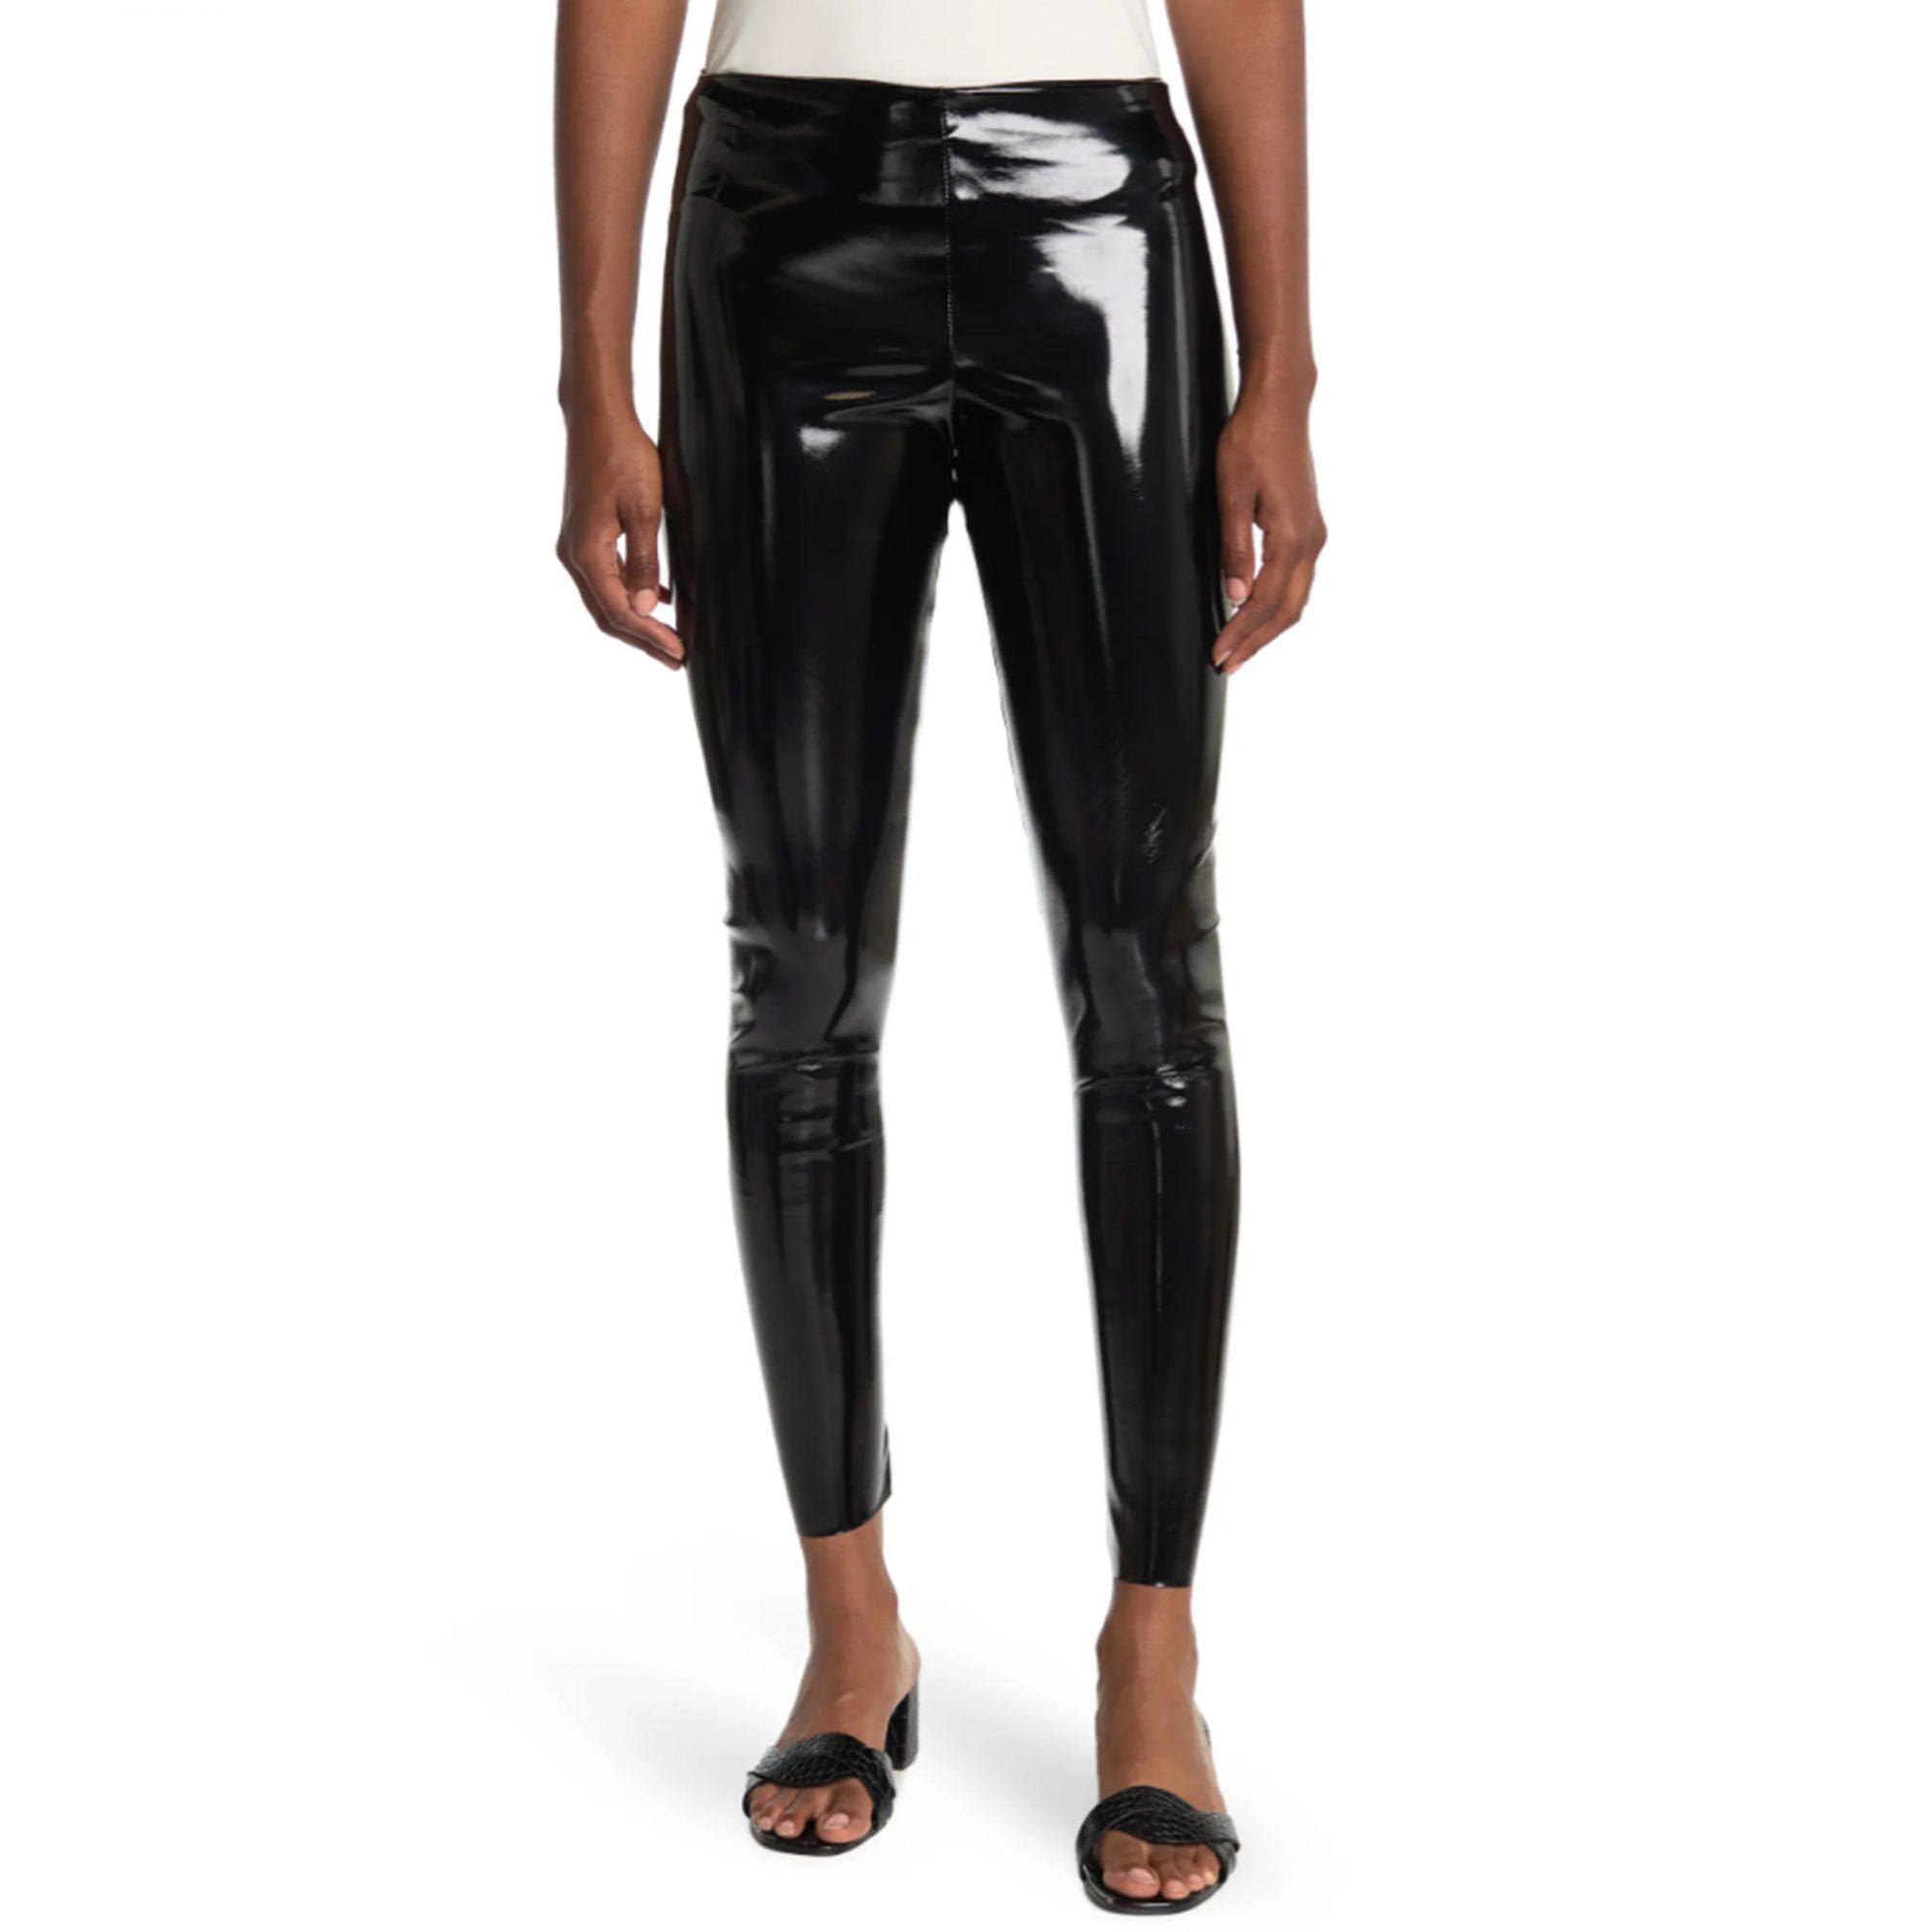 patent-leather-leggings